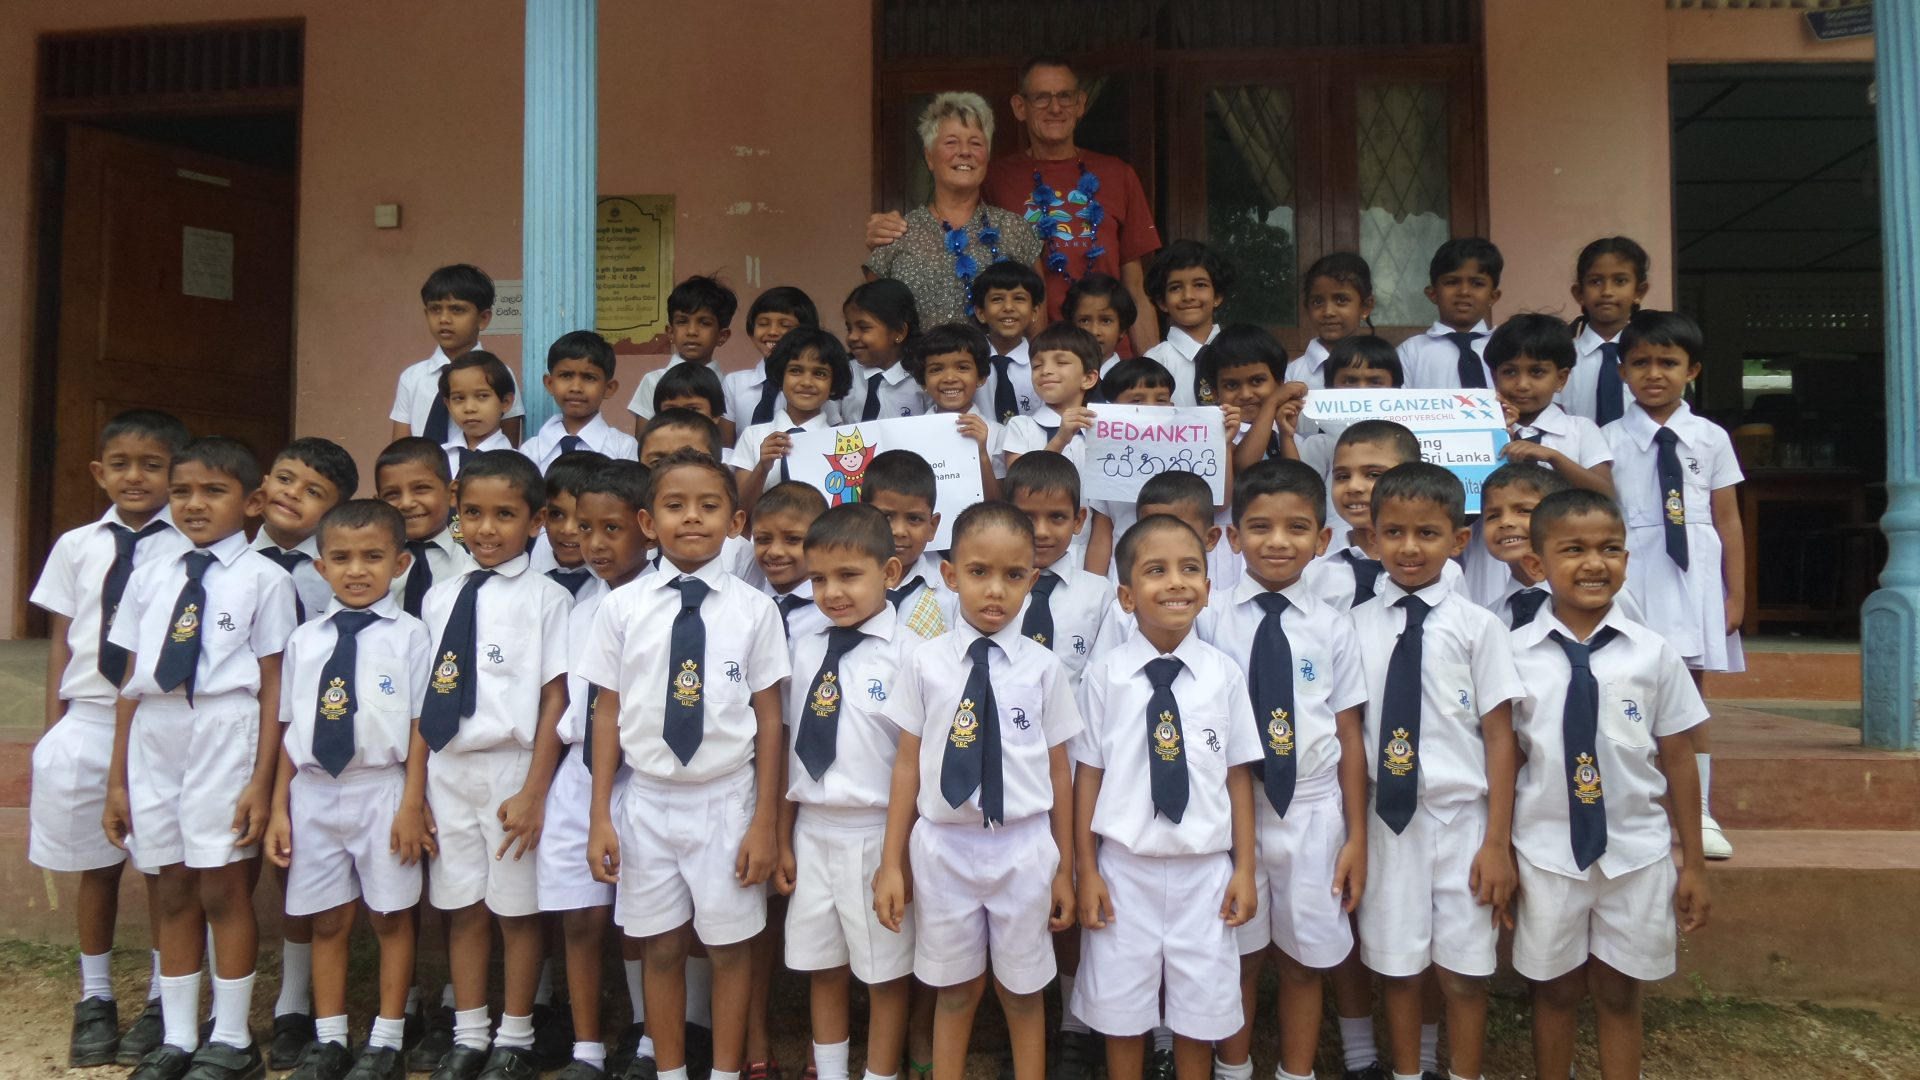 Een klas kinderen in schooluniform poseren voor een foto.